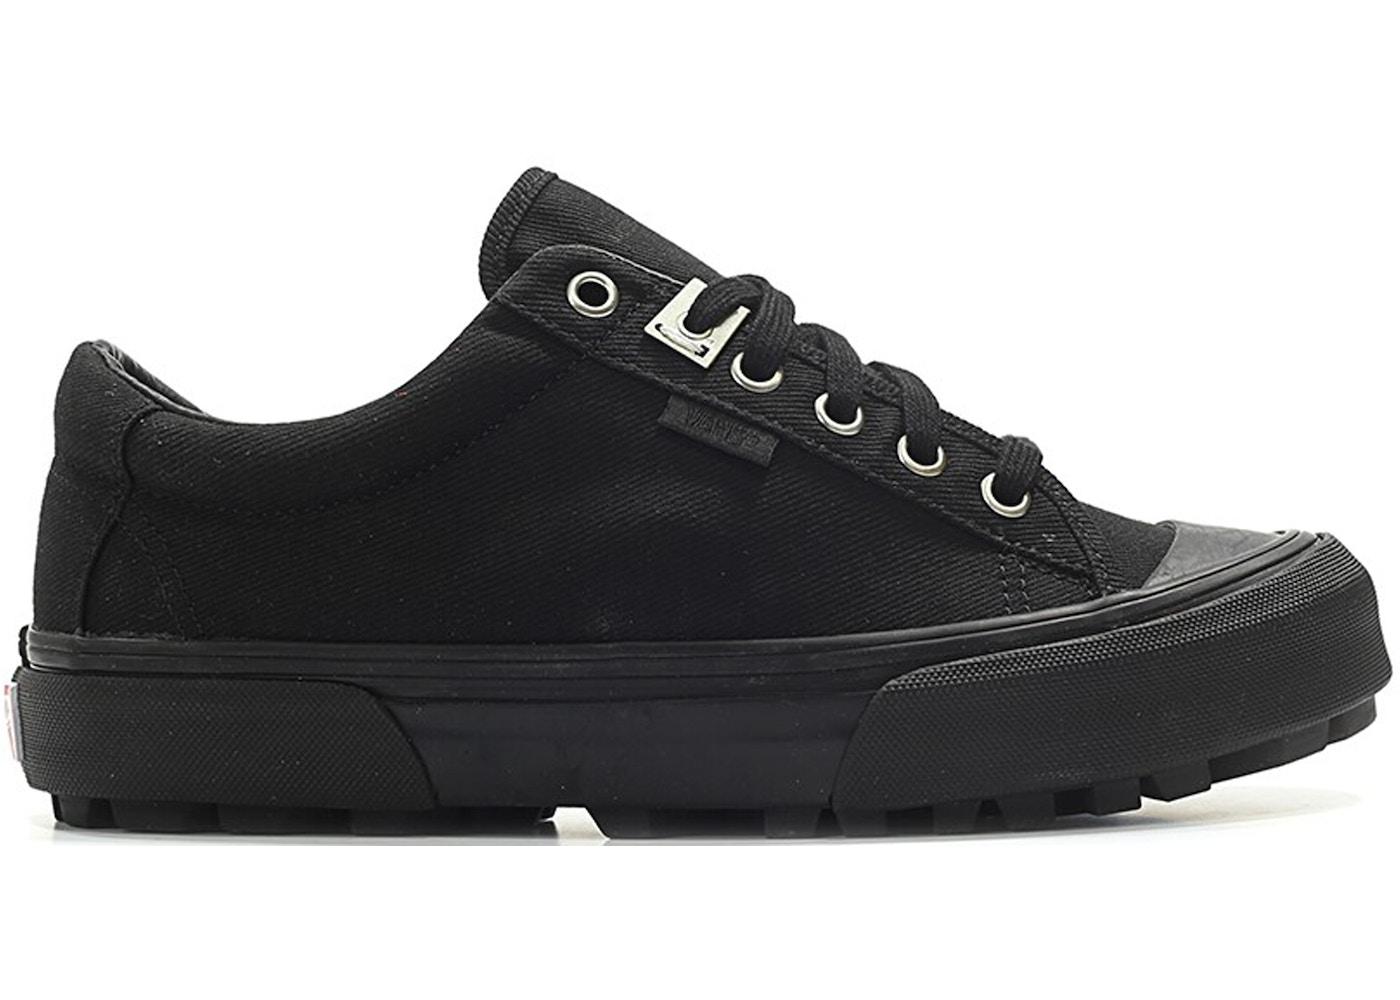 Vans Style 29 ALYX Black (W) - VN0A3DPAOK6